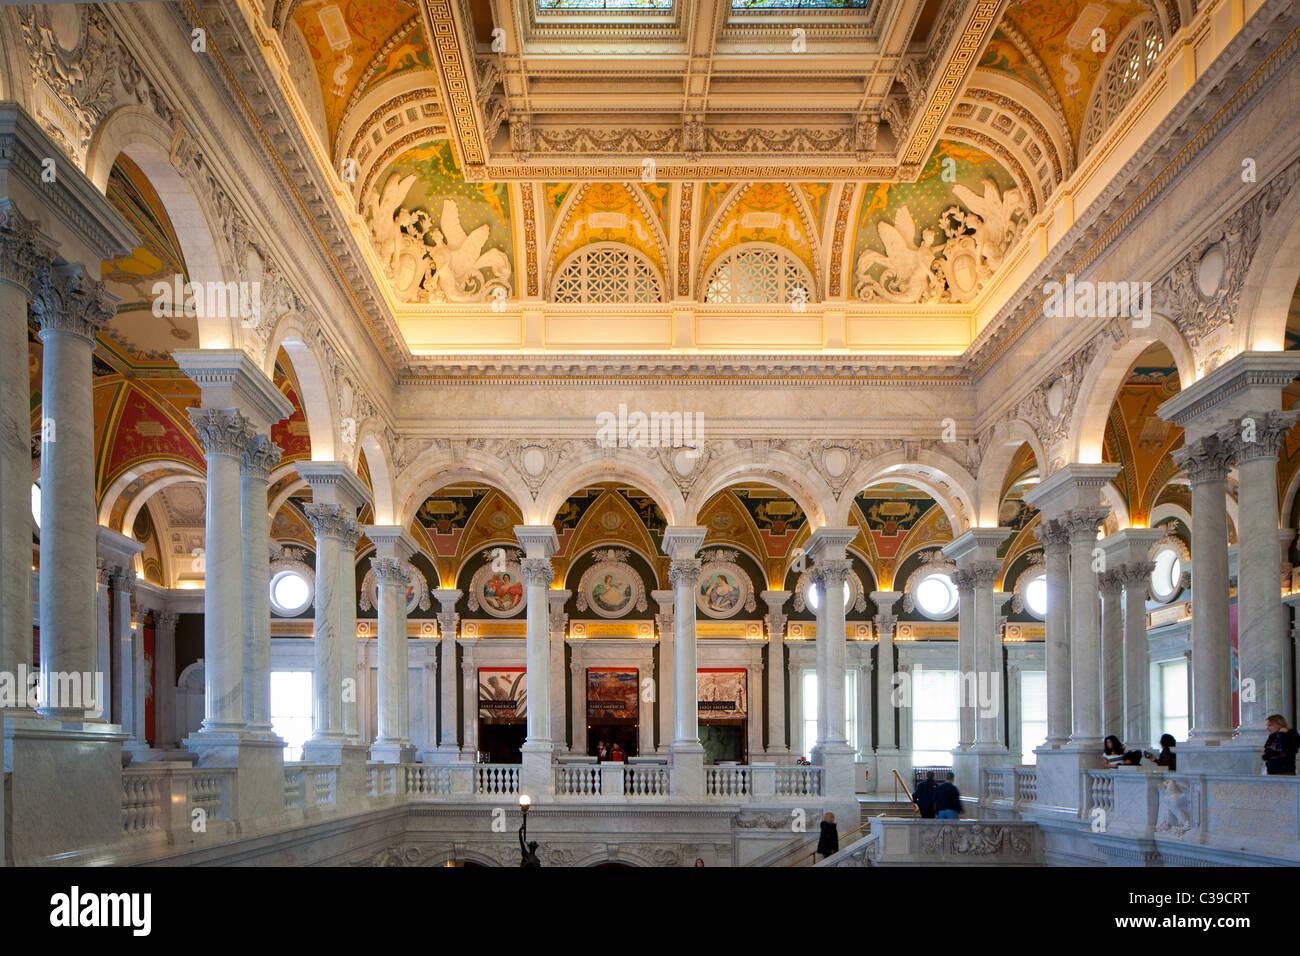 Il Grand Hall della biblioteca del palazzo del congresso di Washington, DC Immagini Stock